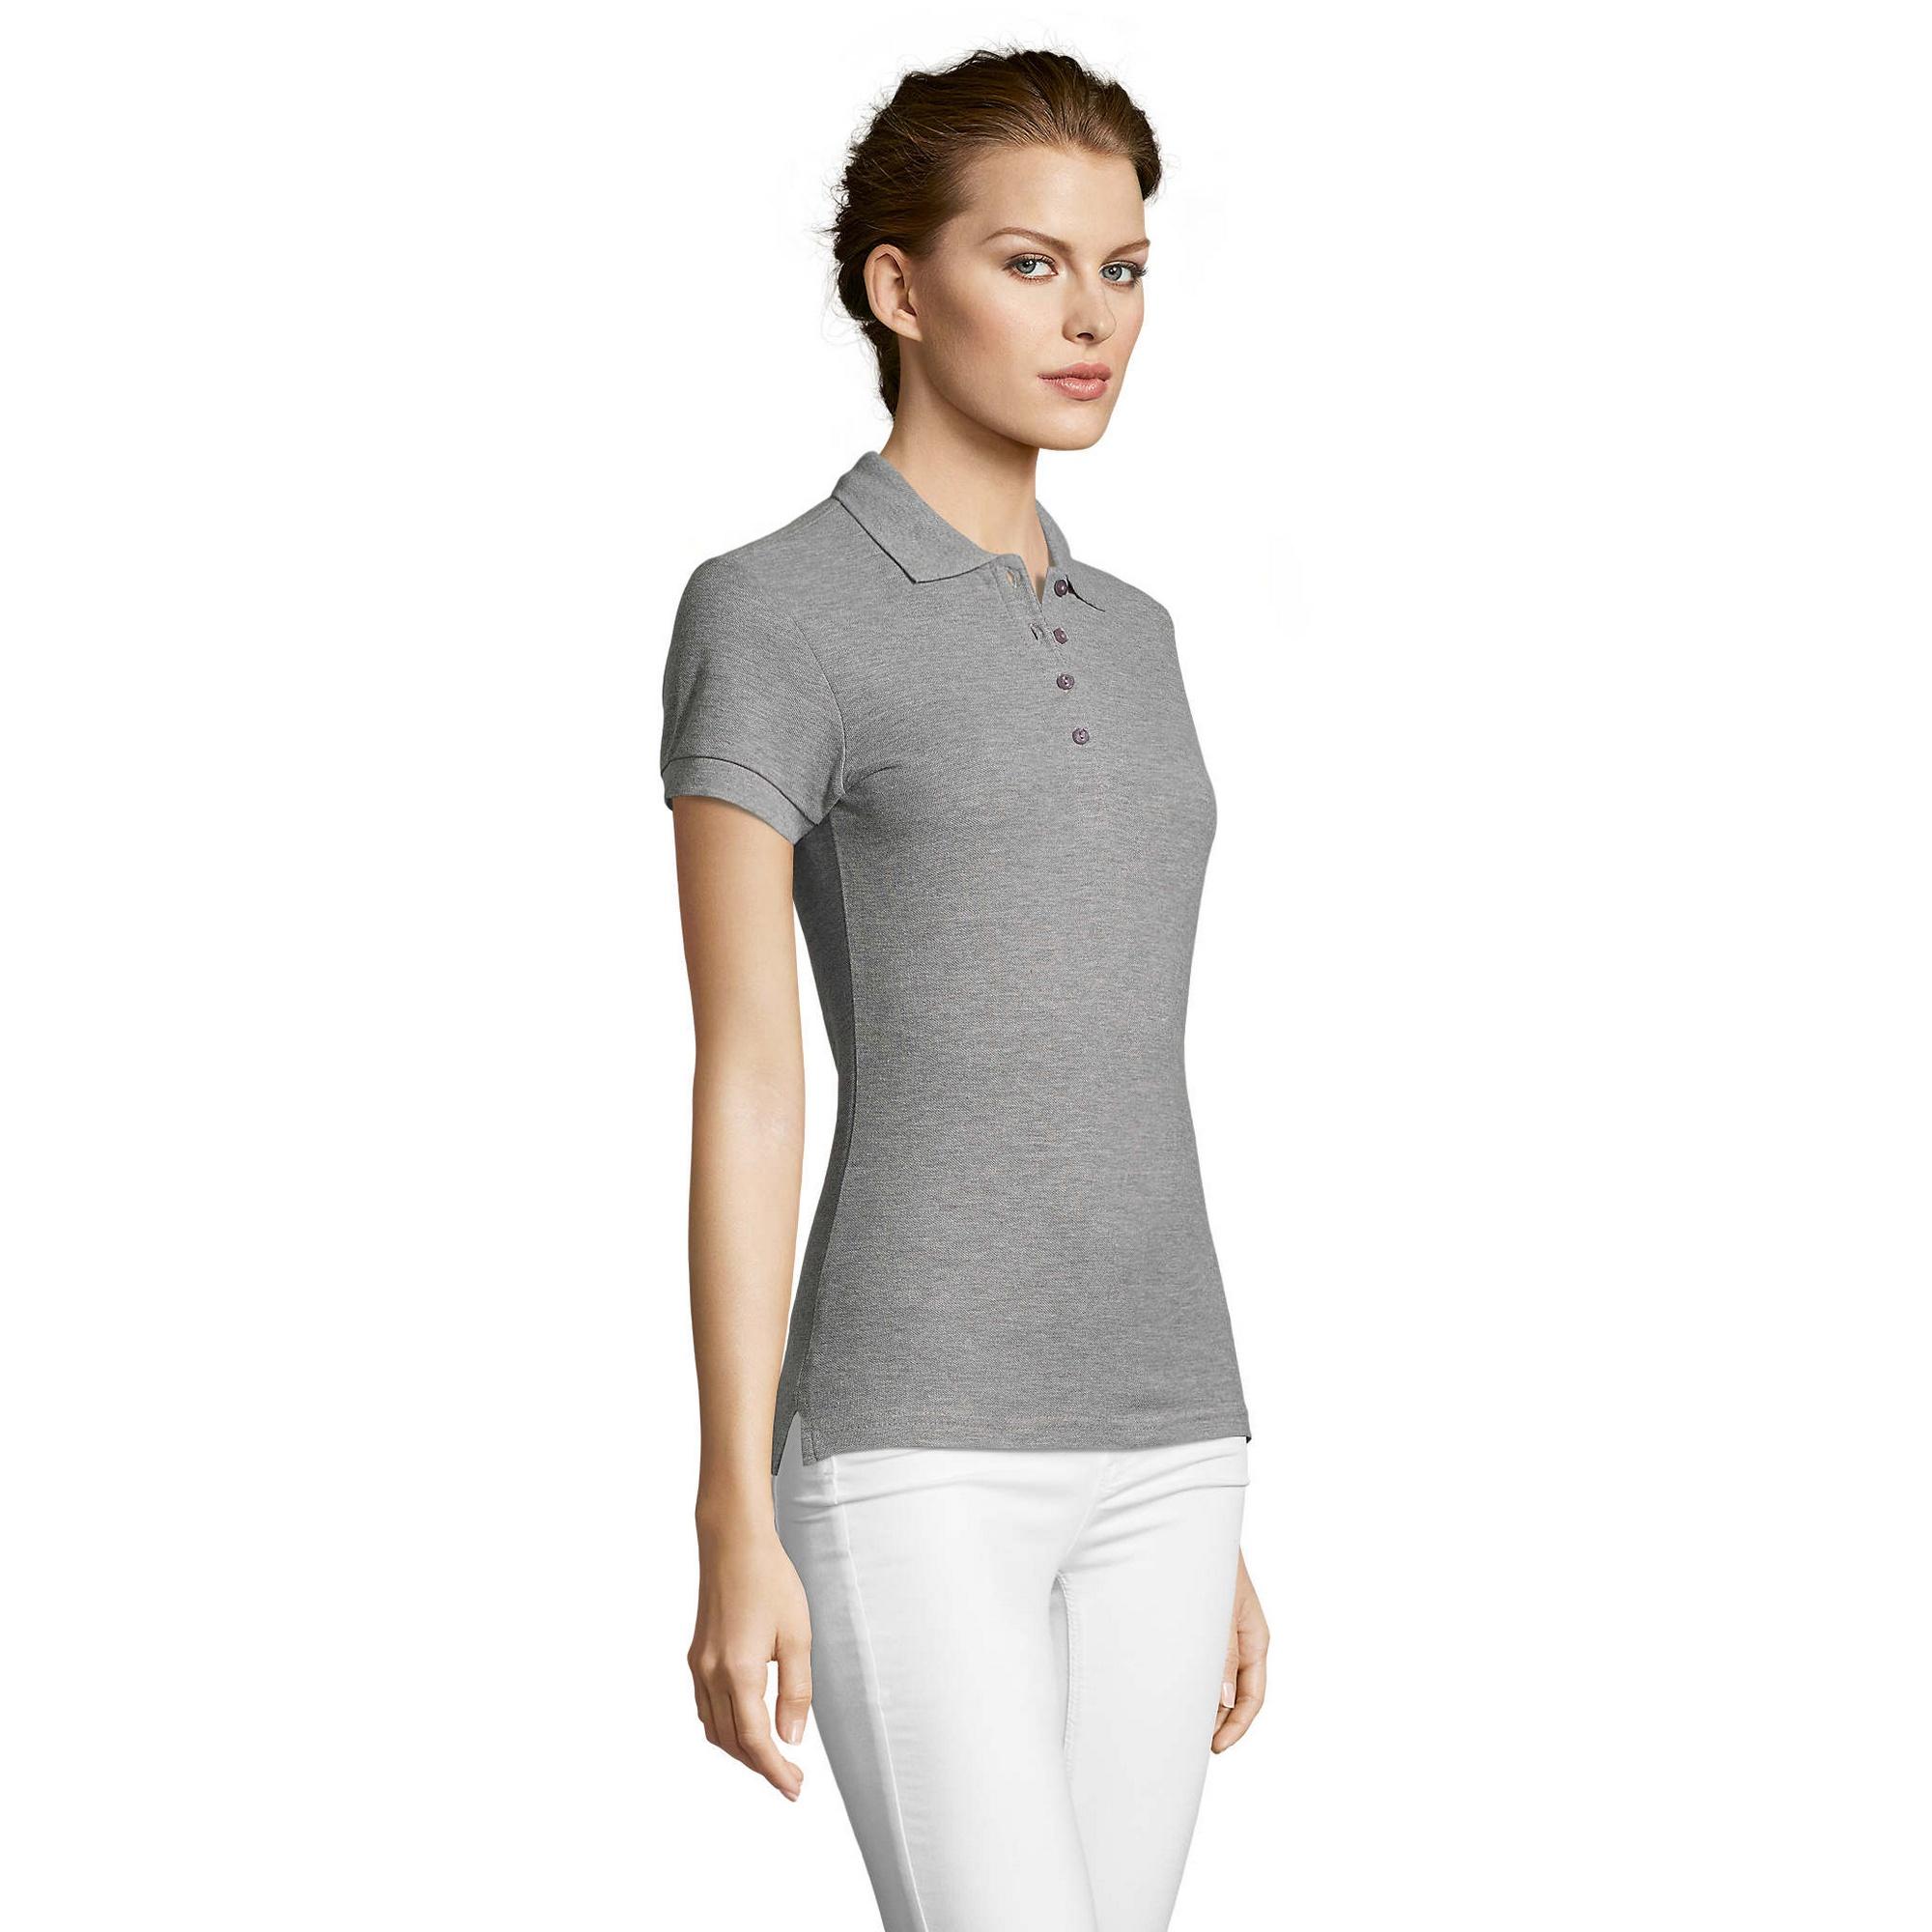 miniature 47 - SOLS-People-Polo-100-coton-a-manches-courtes-Femme-S-2XL-17-PC319